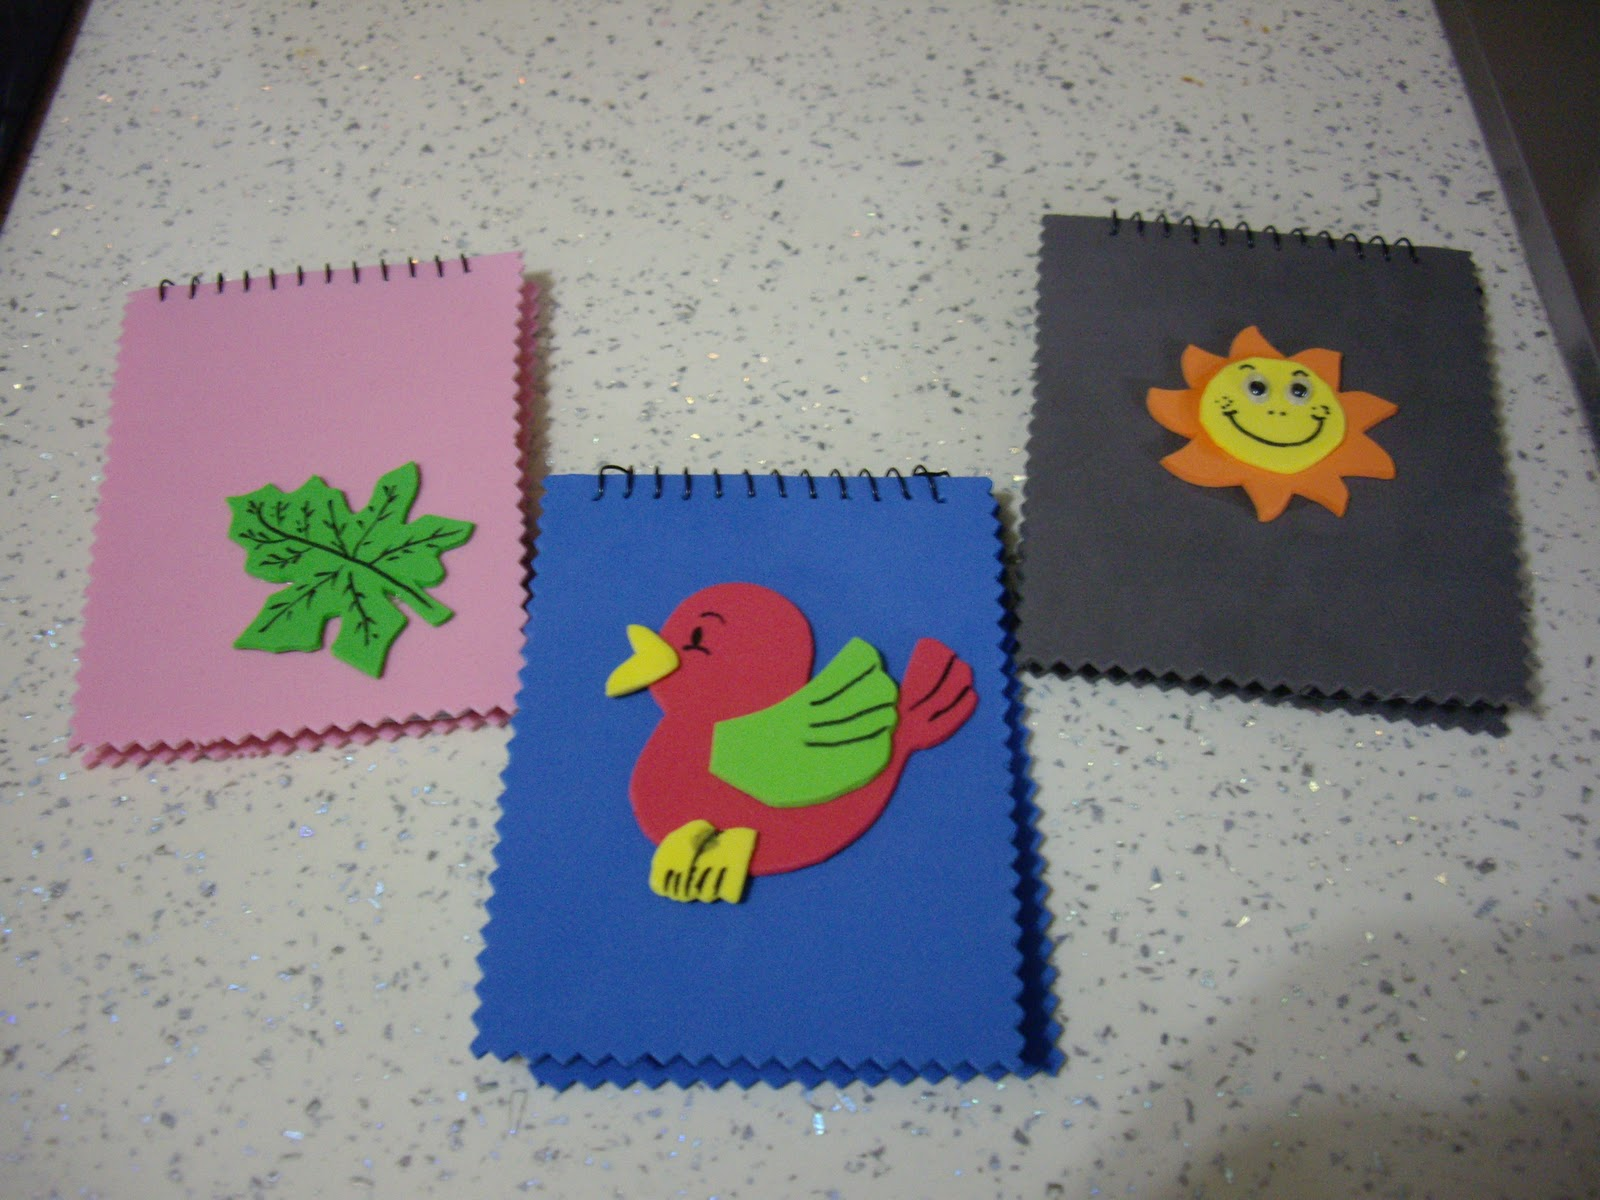 Ideas locuras y creaciones feliz d a del padre - Hacer trabajos manuales ...